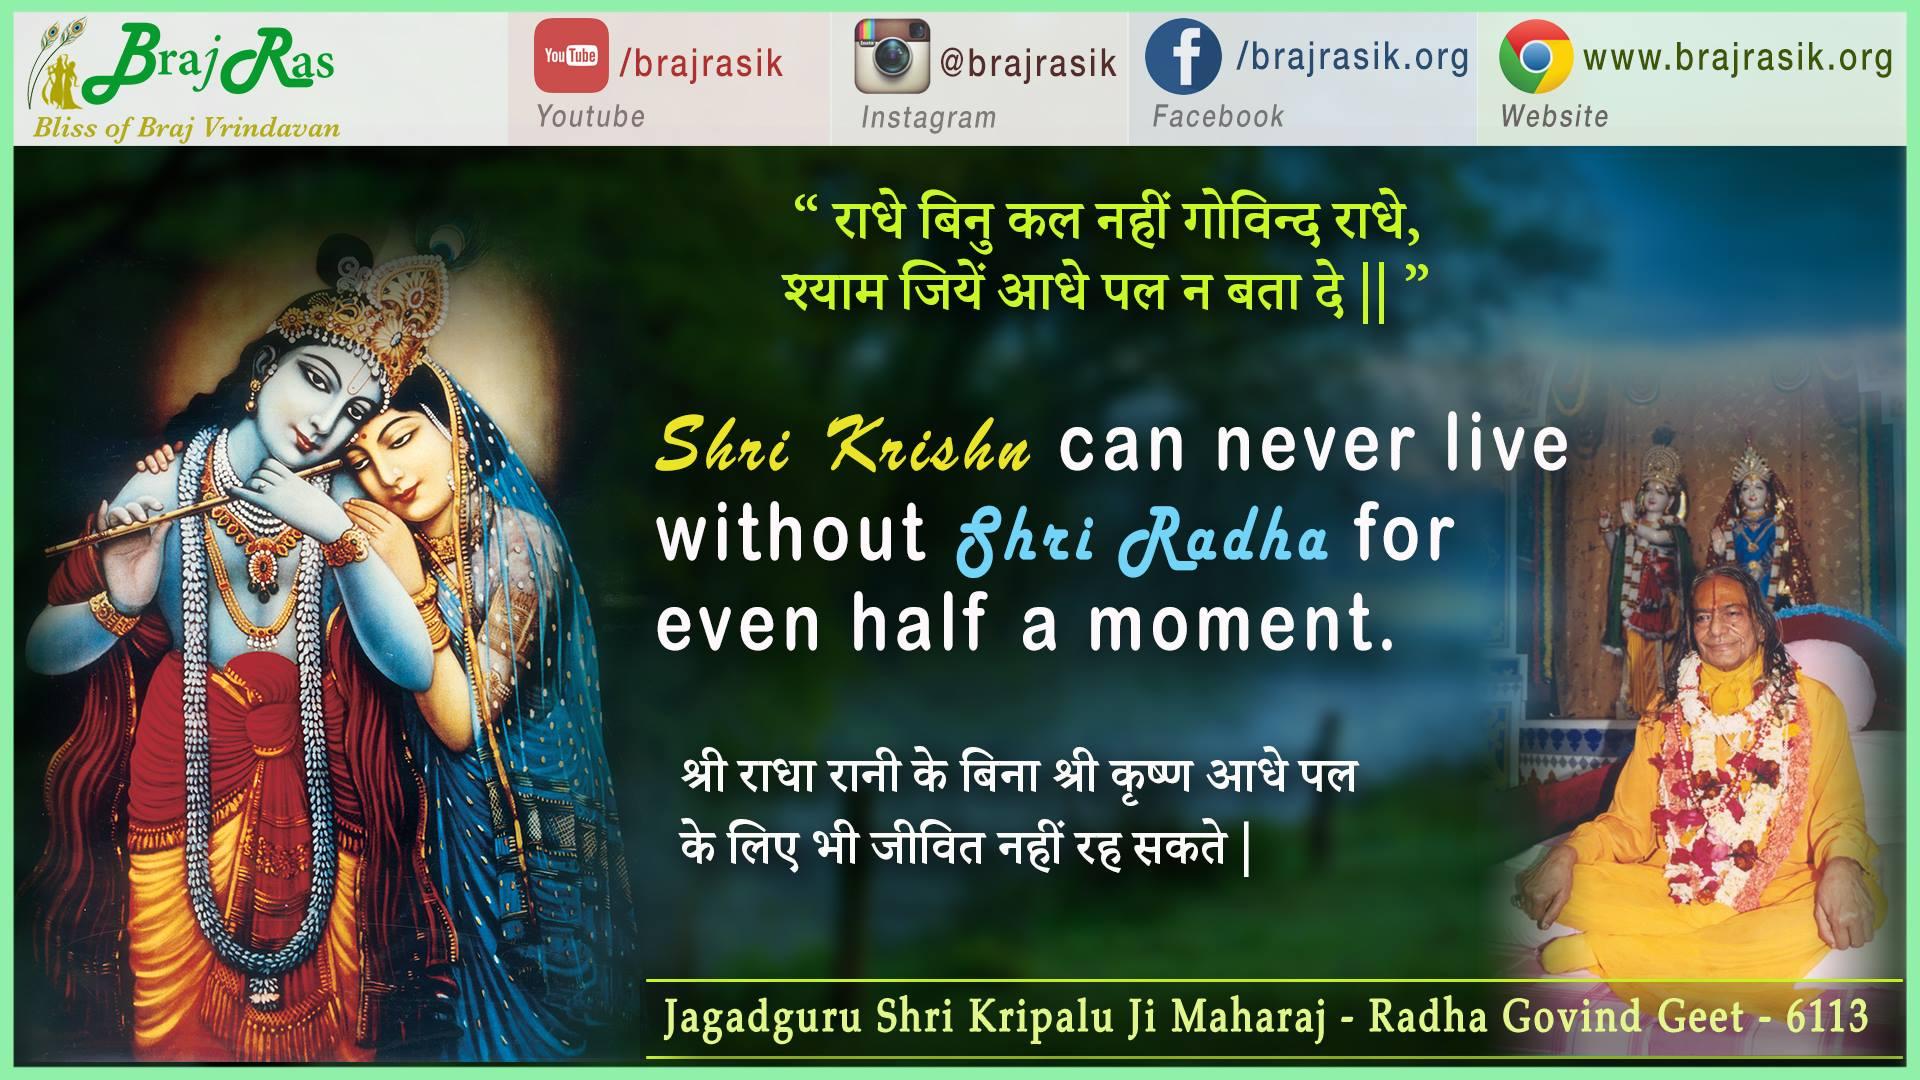 Radhey Binu Kal Nahin Govind Radhey - Jagadguru Shri Kripalu Ji Maharaj, Radha Govind Geet